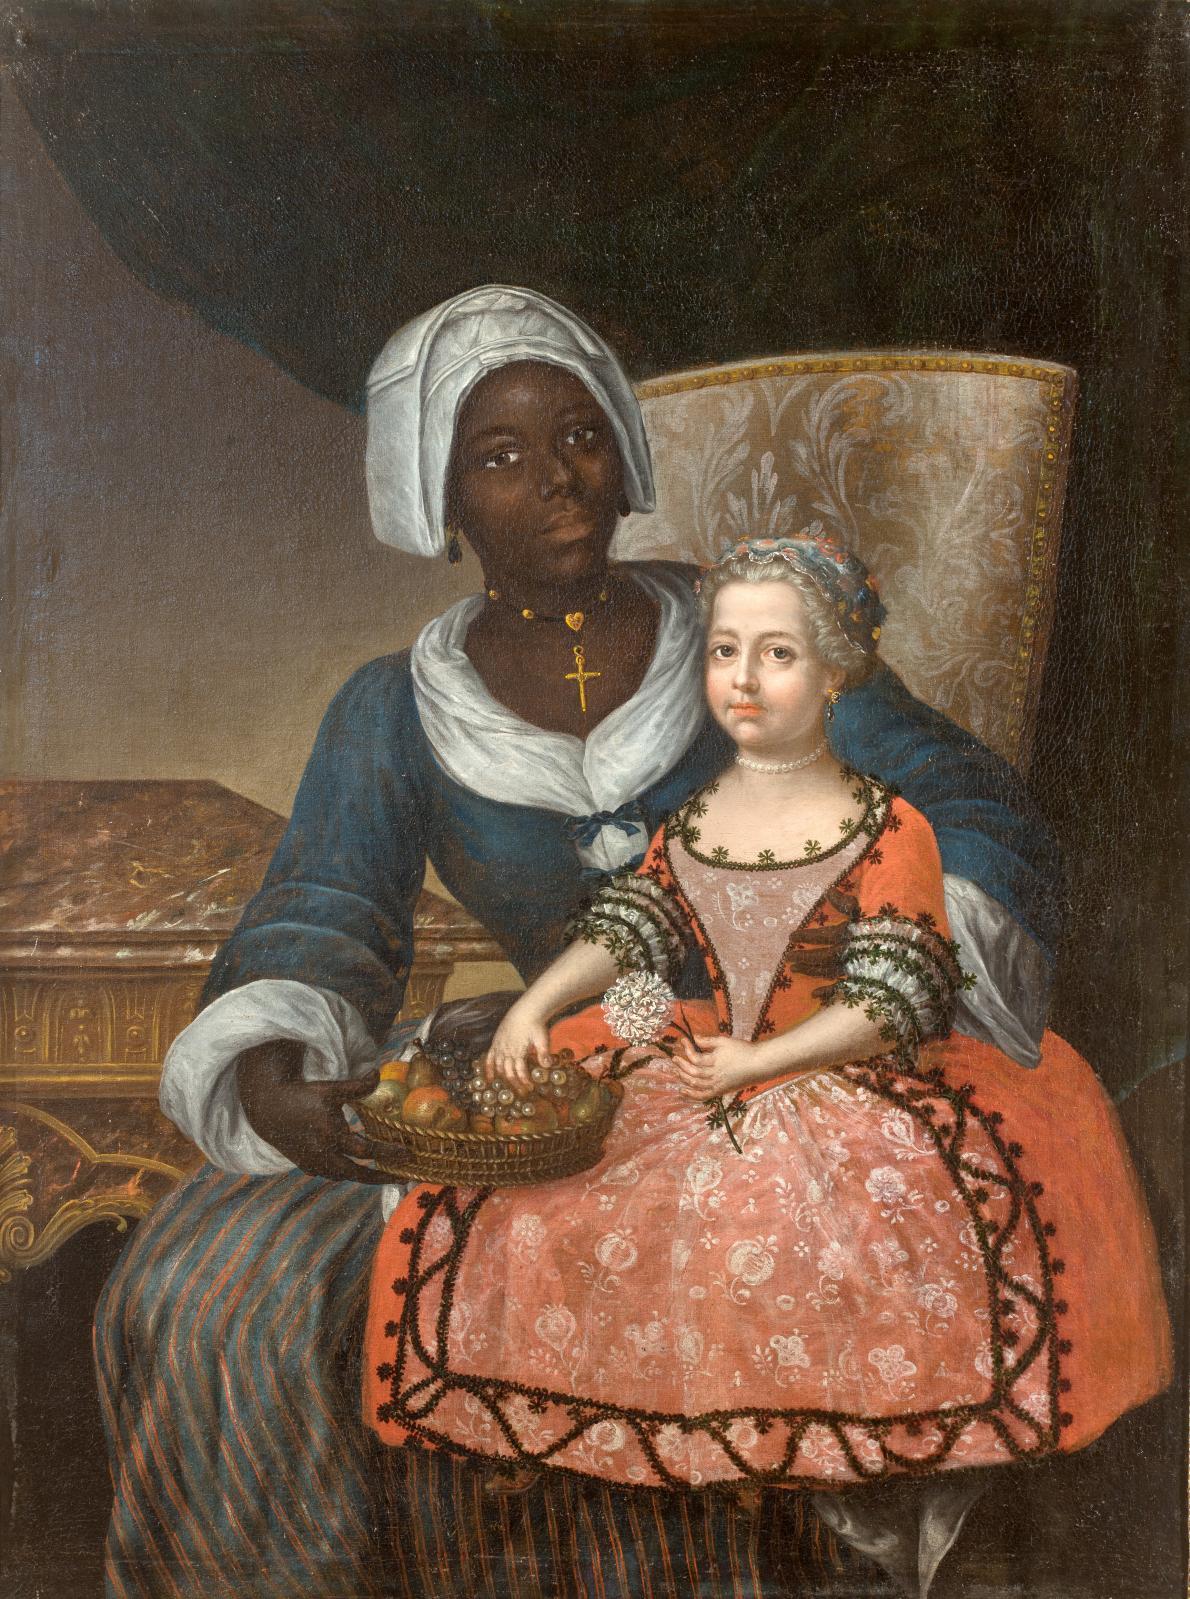 École française de la première moitié du XVIIIesiècle, Portrait de Marie-Anne Grelier avec sa nourrice, 1718, huile sur toile. musée du Nouveau Monde